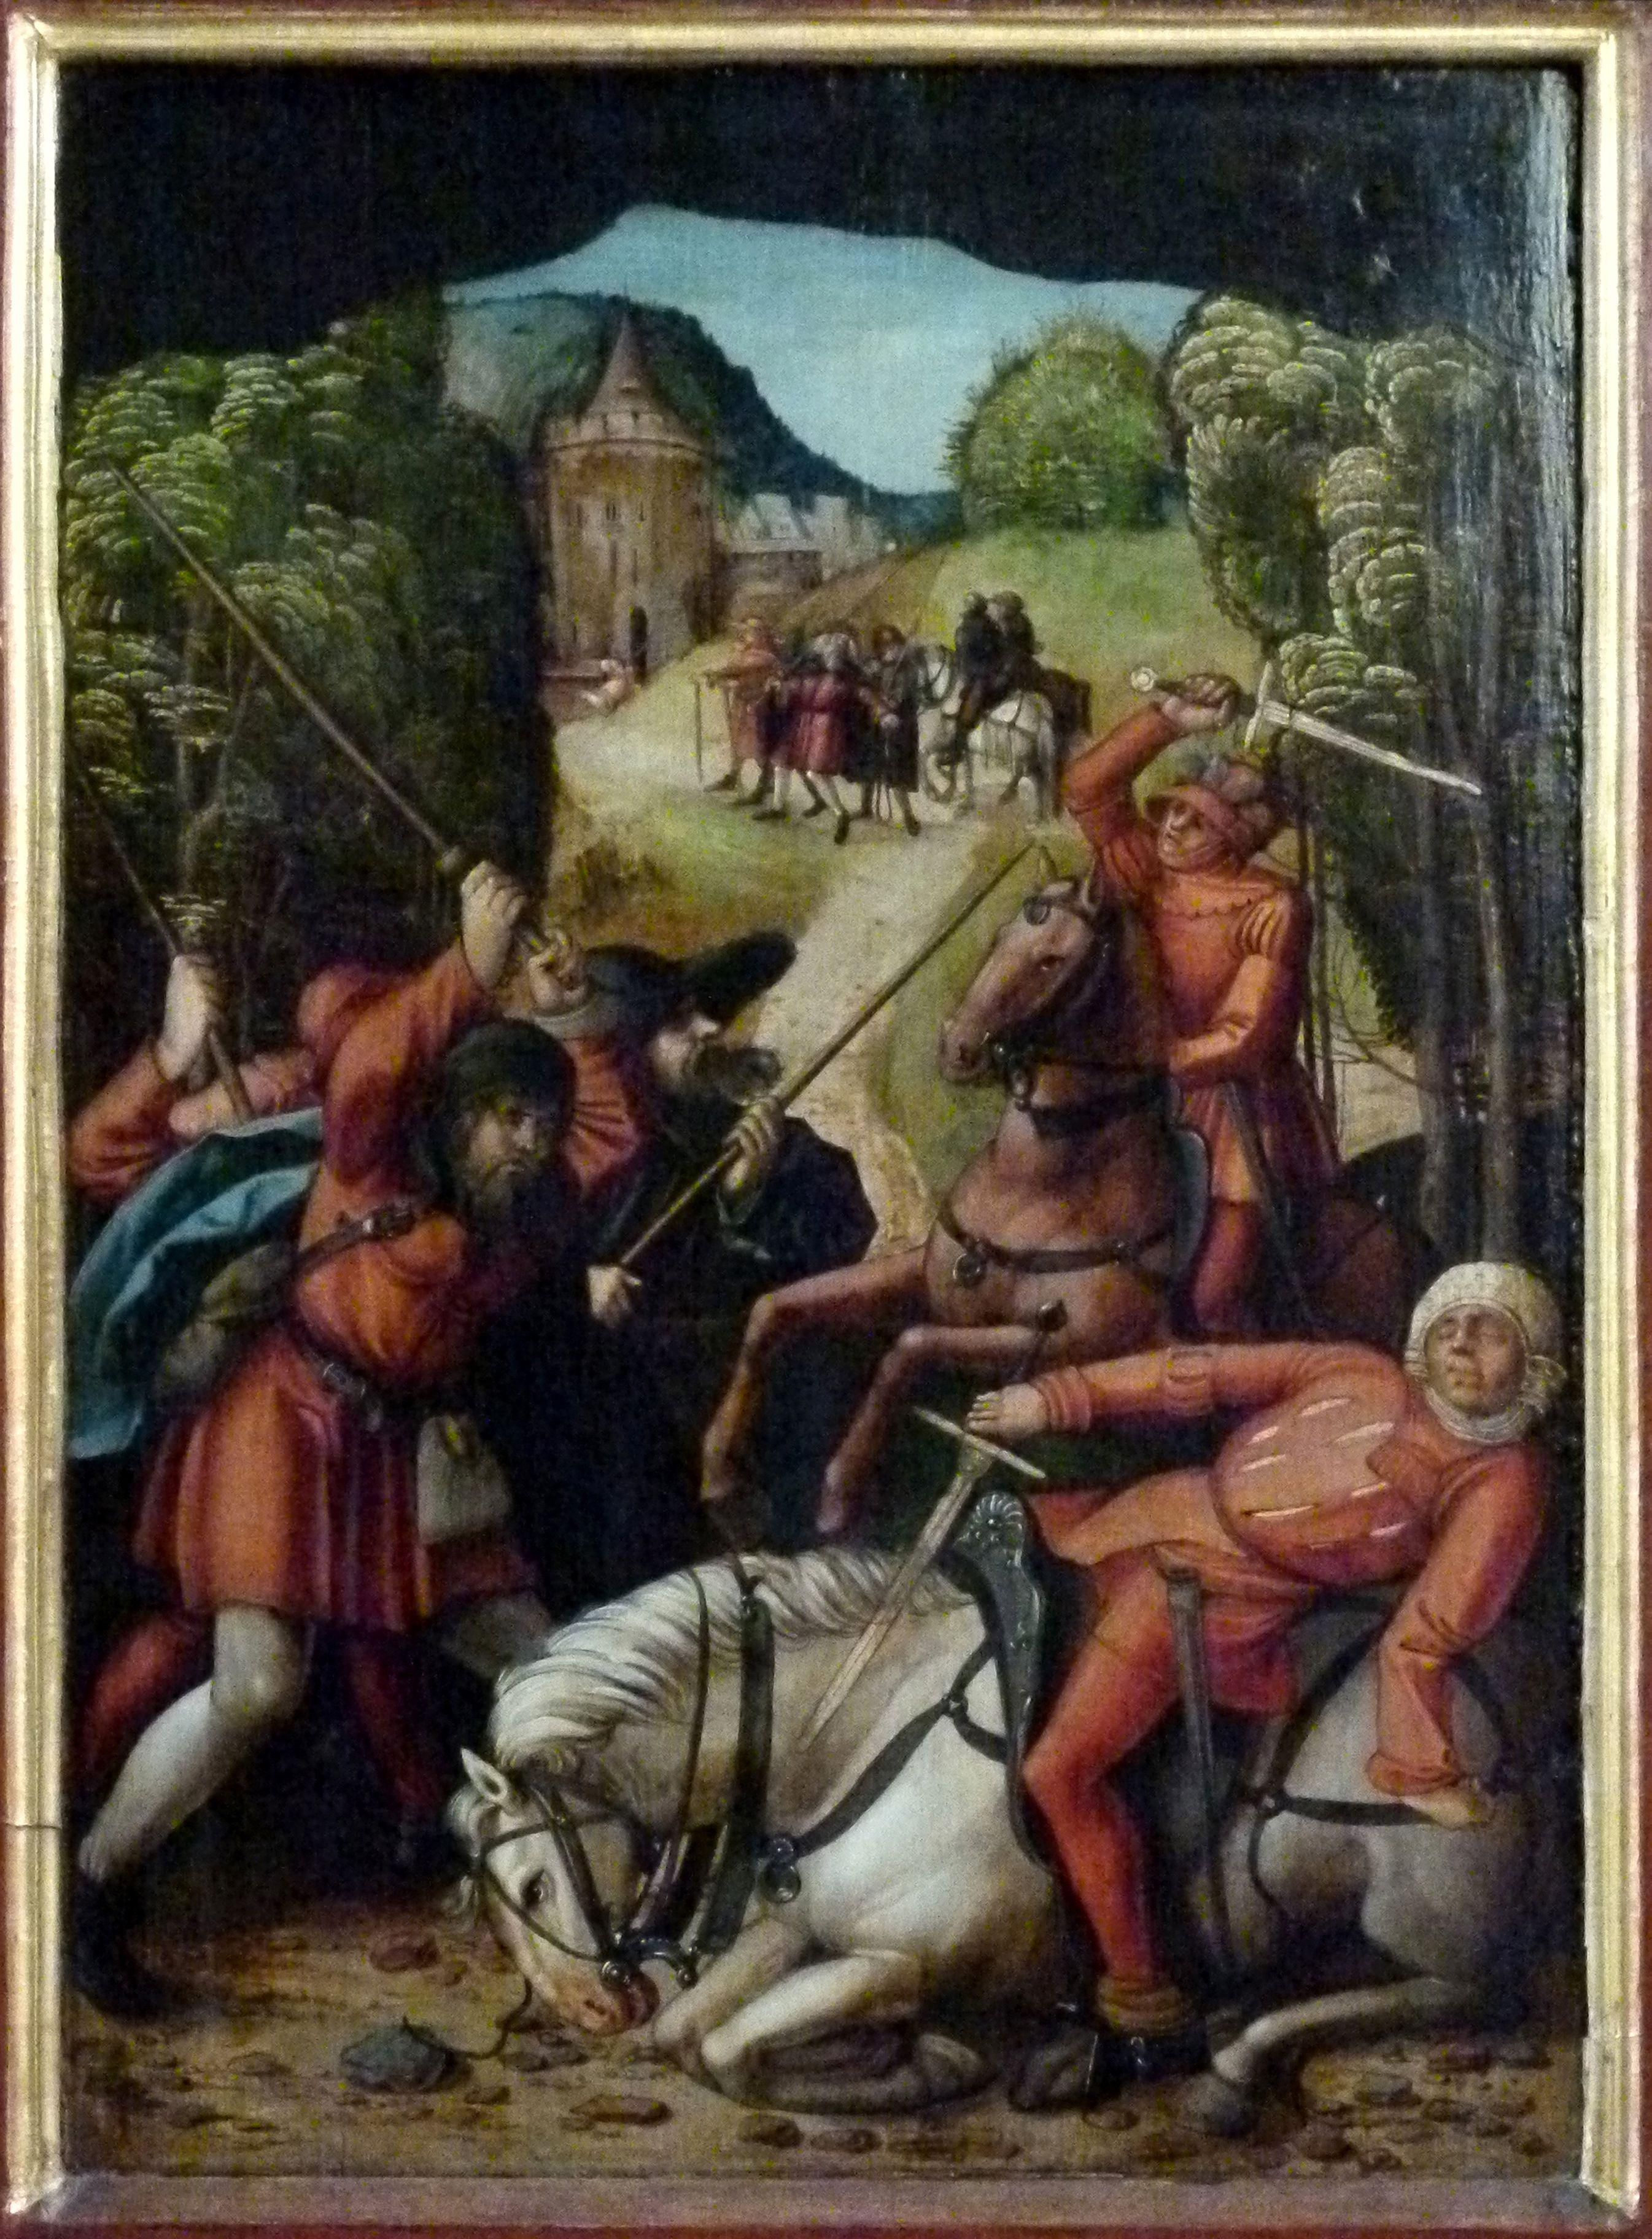 Sebaldus  Altar linker Flügel, innen unten, Räuberischer Überfall auf den Heiligen und seine Begleiter